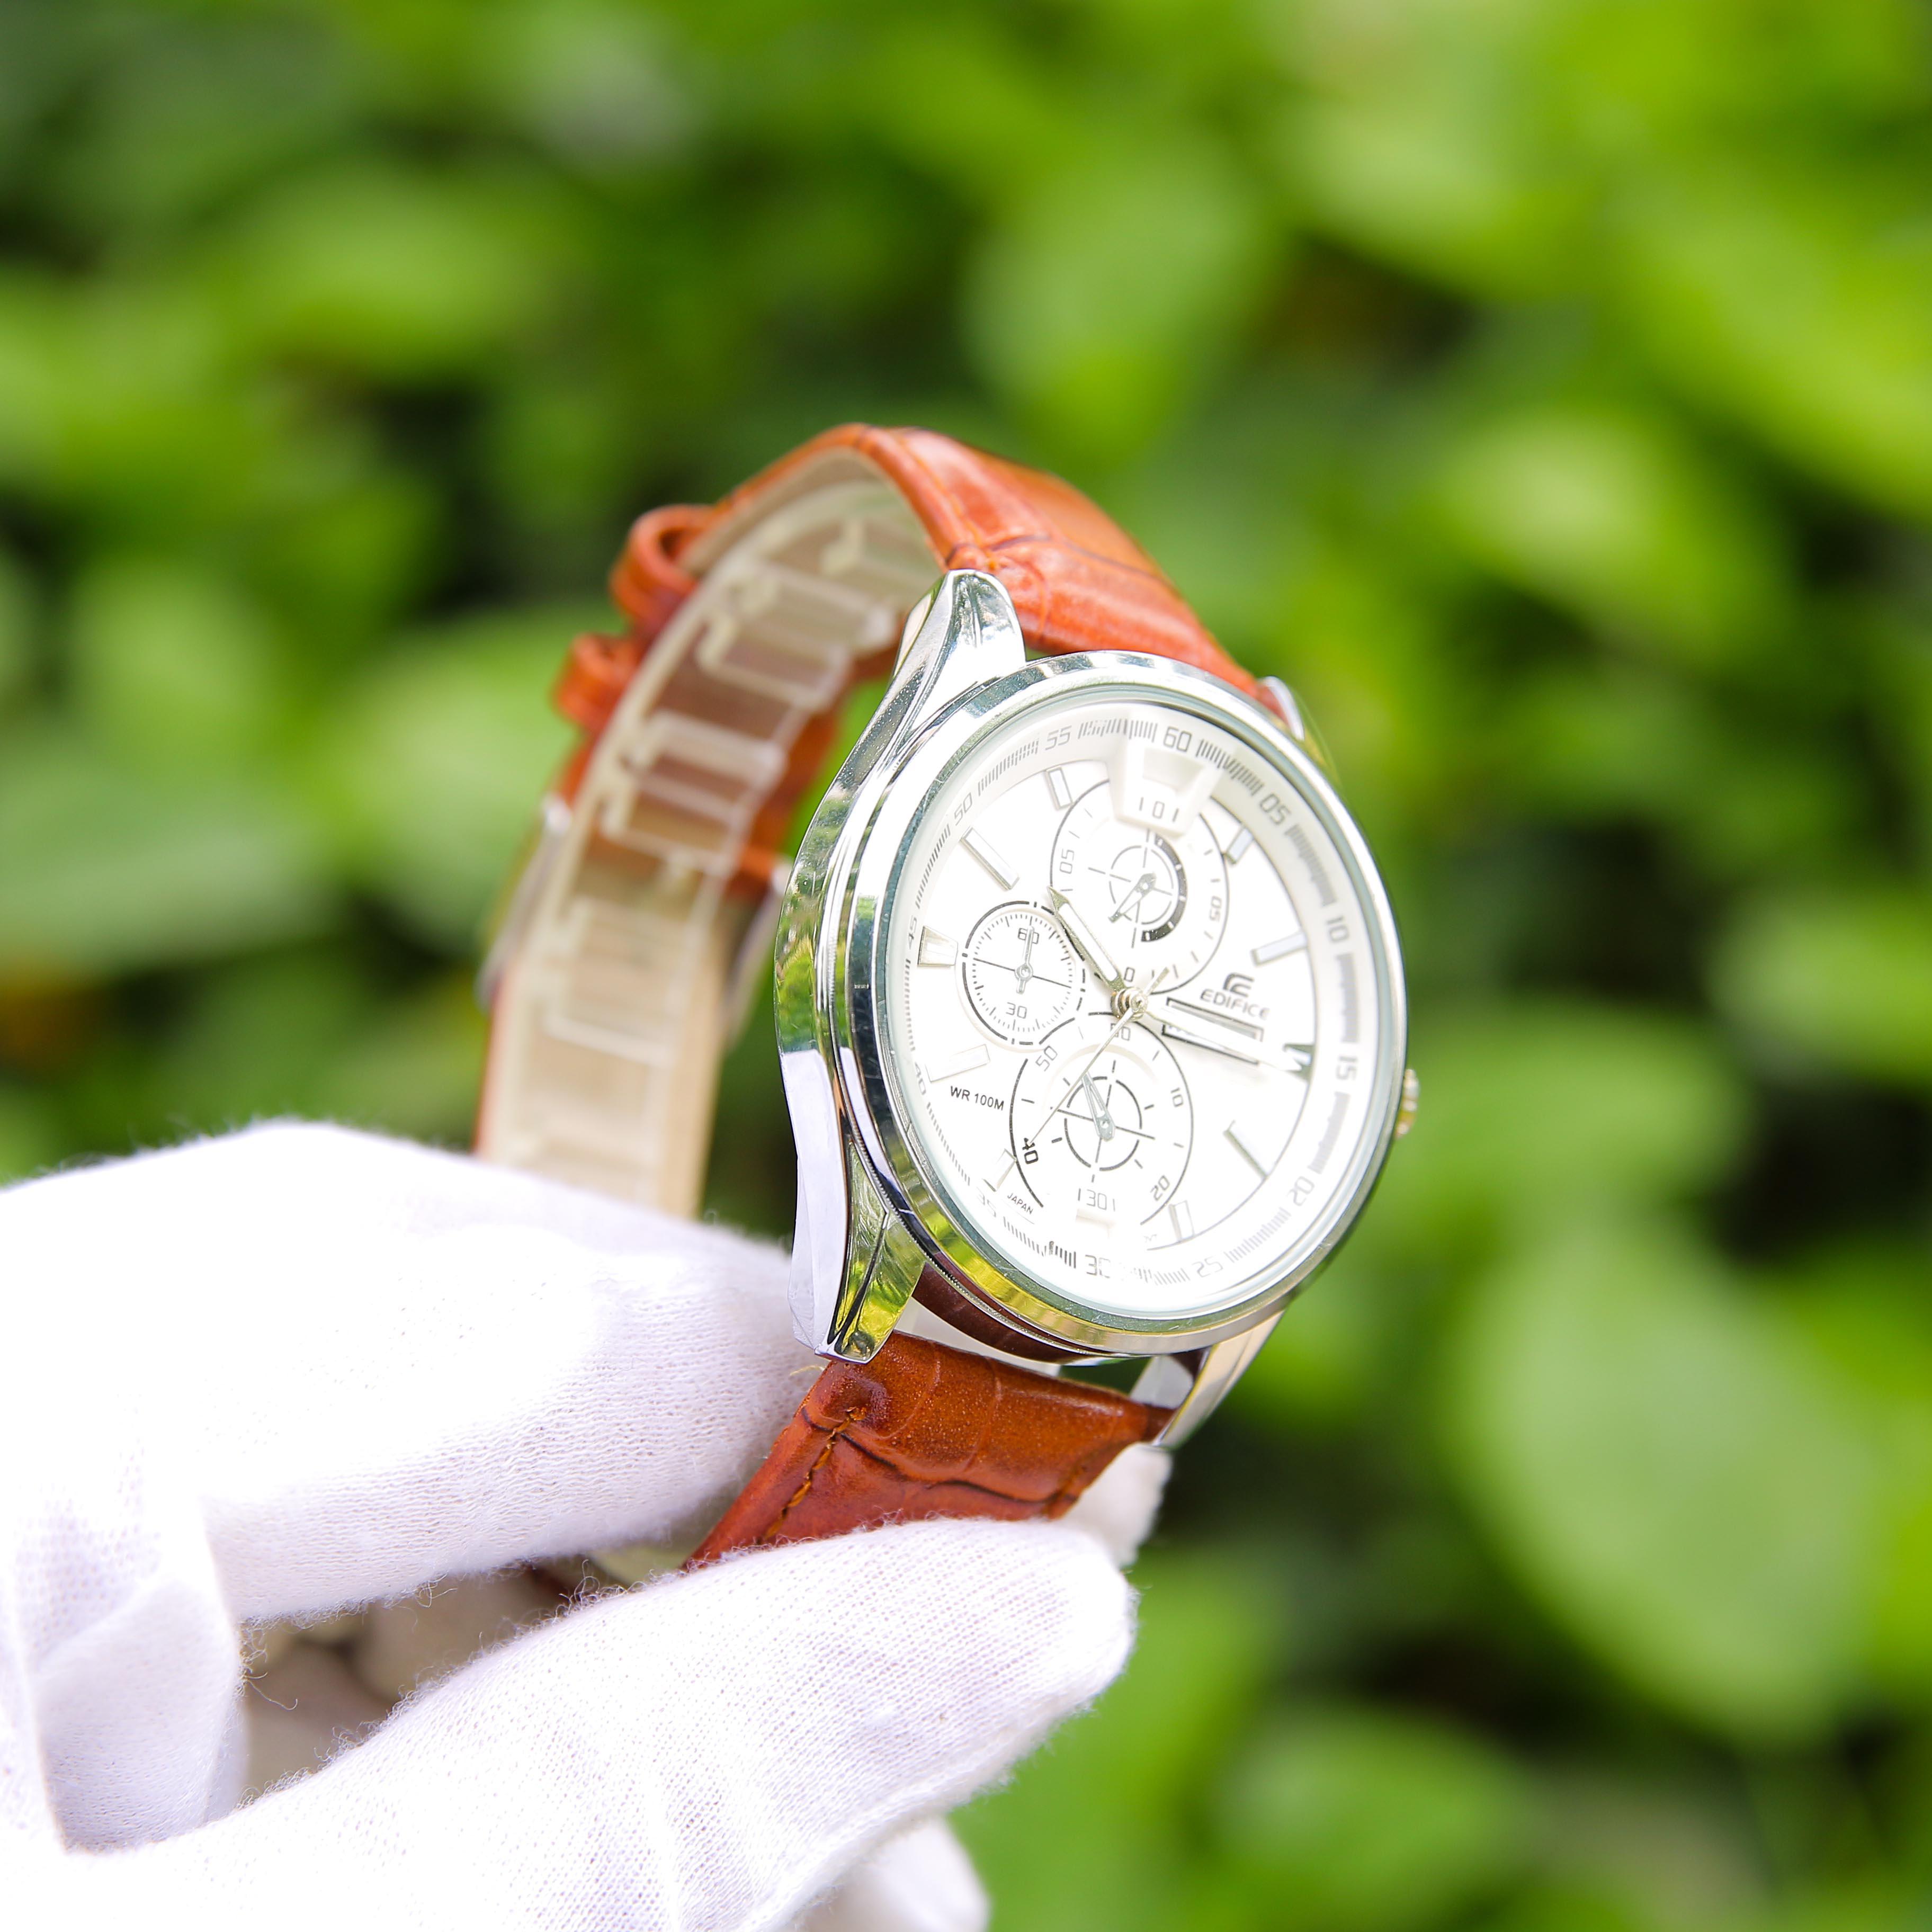 Đồng hồ nam cao cấp CADN3051 – Thiết kế dây da sang trọng, lịch lãm – Phù hợp đi chơi, đi làm – Hiển thị lịch ngày tháng tiện lợi